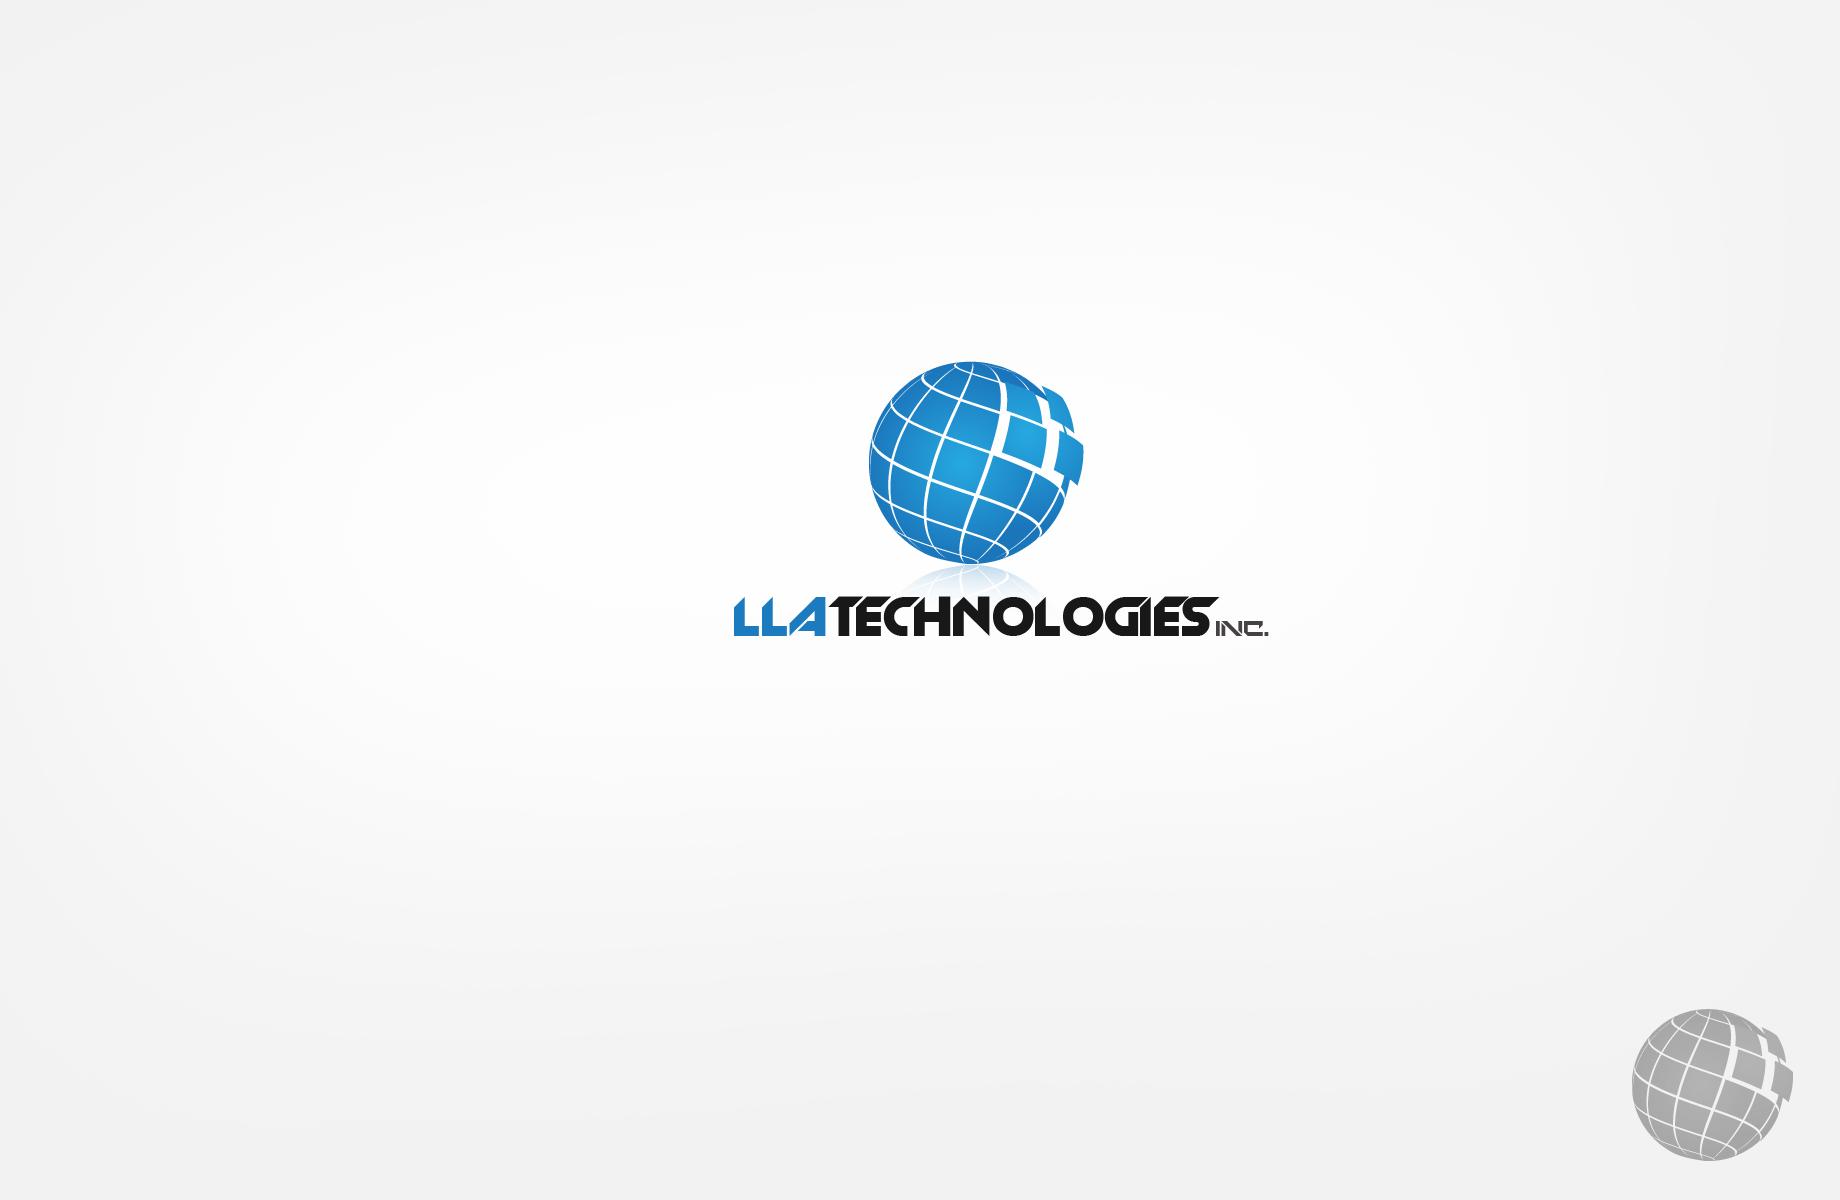 Logo Design by Jan Chua - Entry No. 8 in the Logo Design Contest Inspiring Logo Design for LLA Technologies Inc..